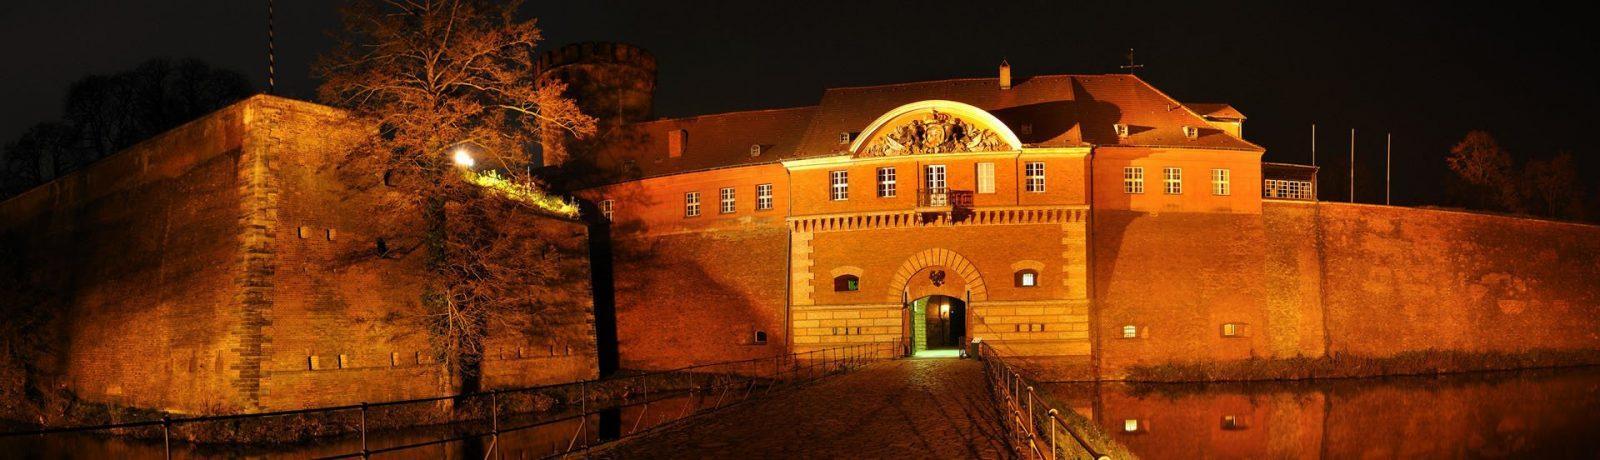 Die Zitadelle bei Nacht, Foto: Zitadelle Berlin